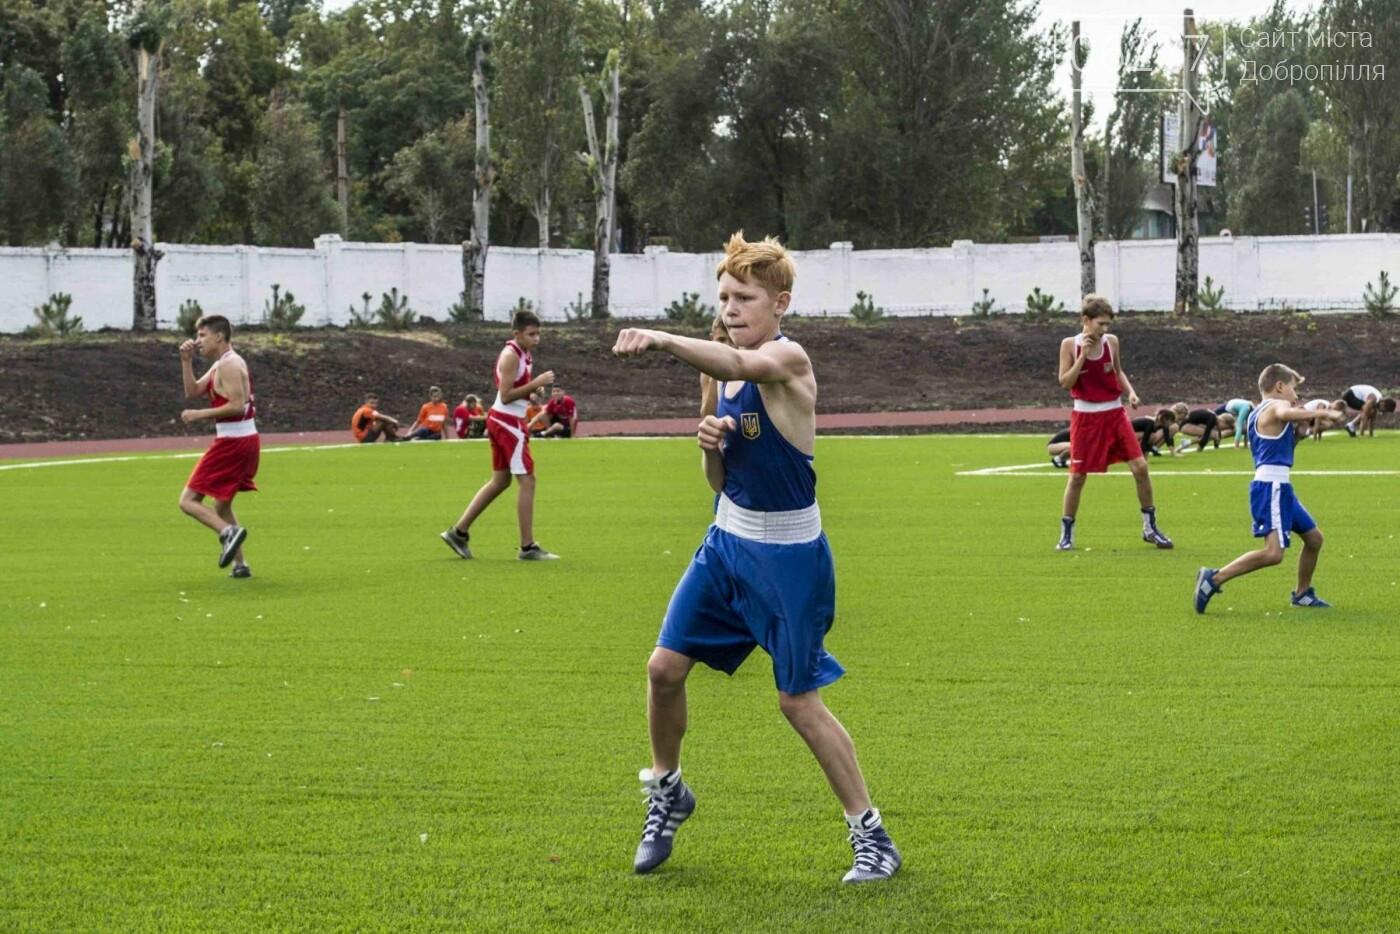 Обогатители ЦОФ Добропольская приняли участие в спортивном празднике на обновленном стадионе, фото-2